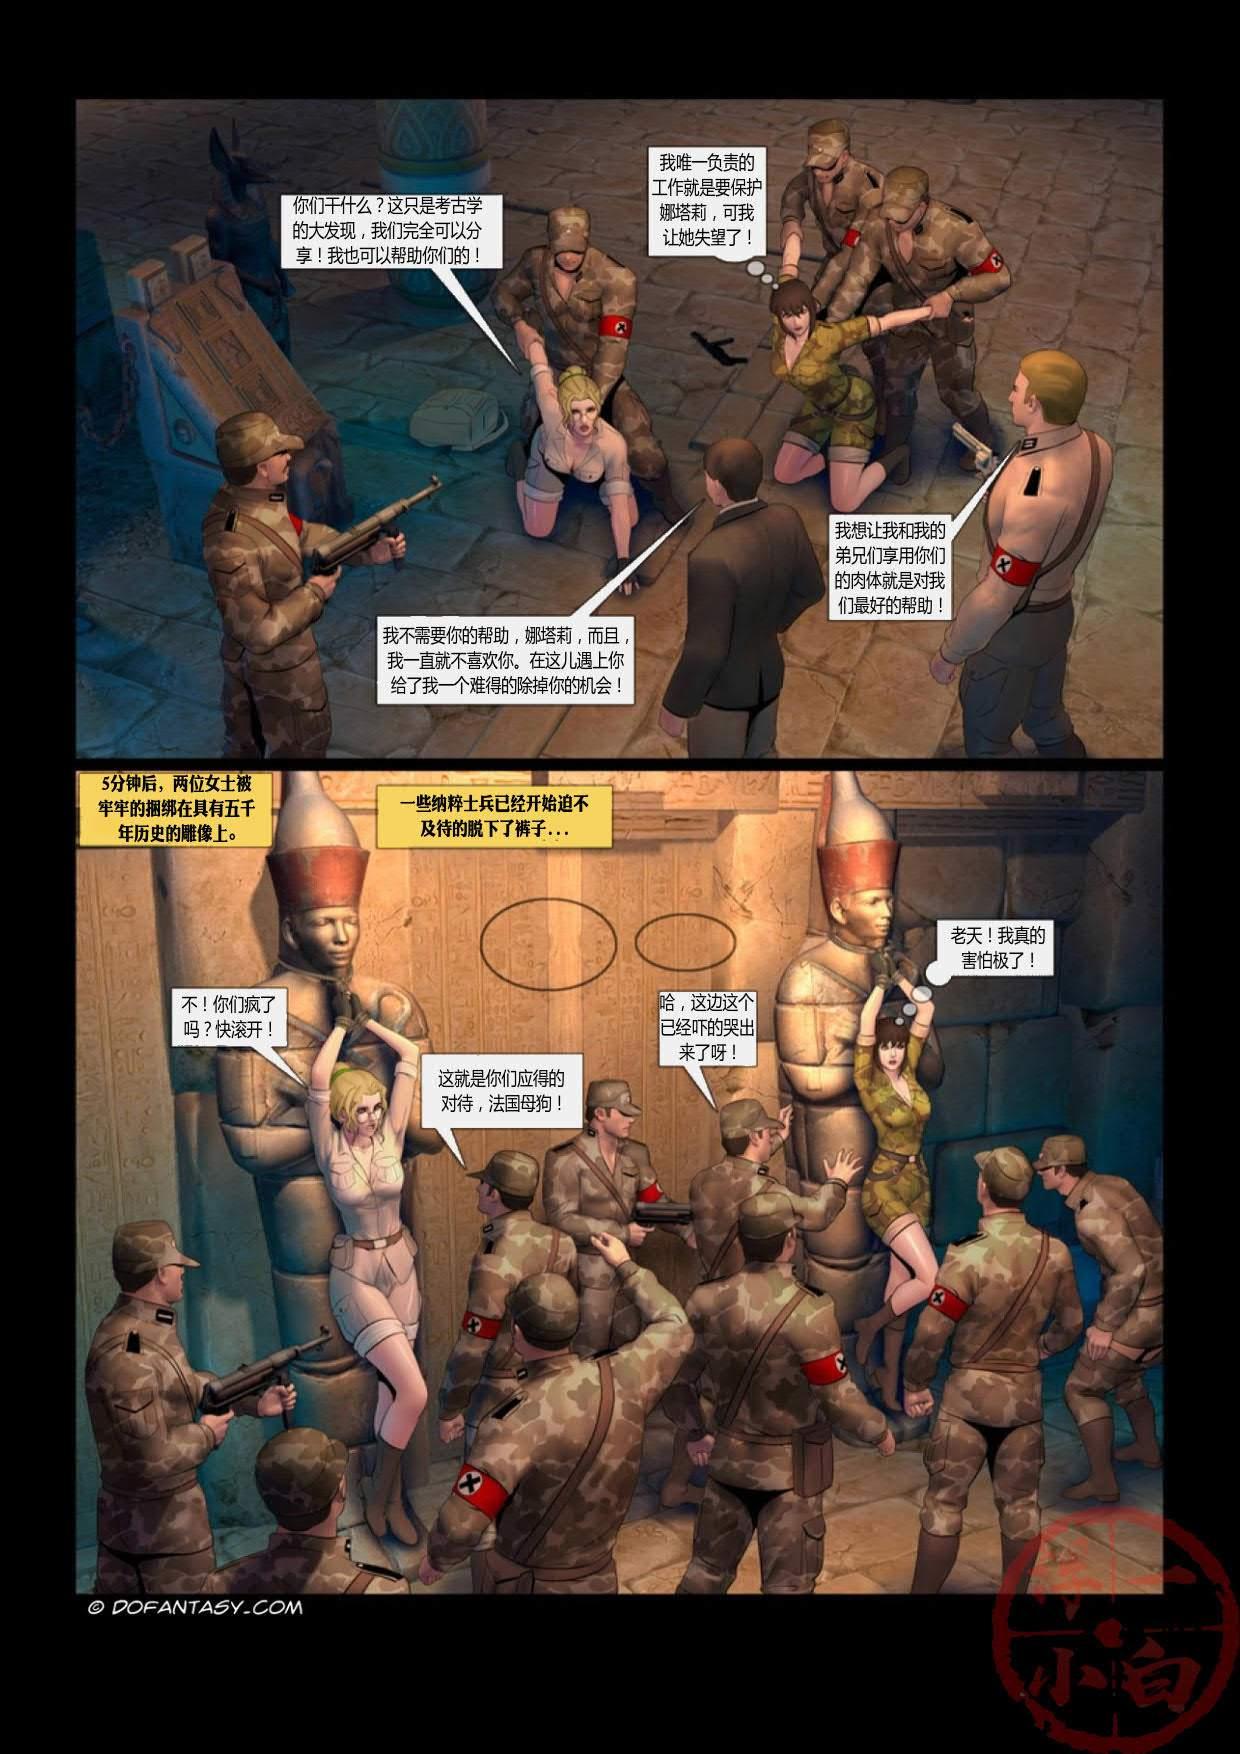 埃及探险 EGYPT ADVENTURE 漫画-第3张